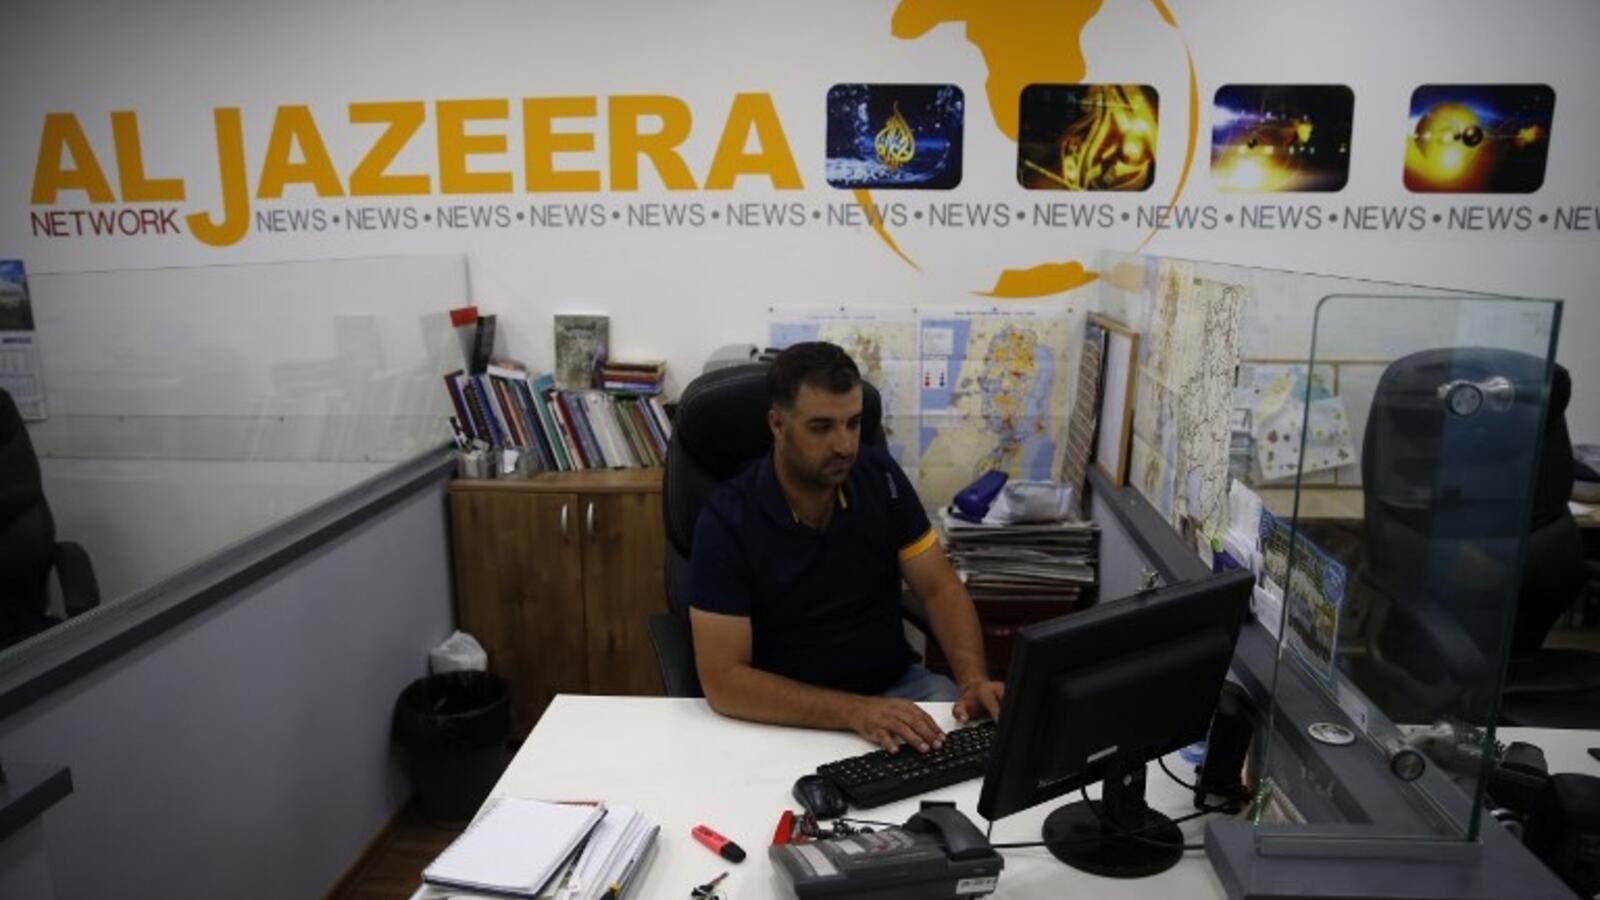 Conspiracy: Israel's Al Jazeera Ban a Qatari Ploy to Gain